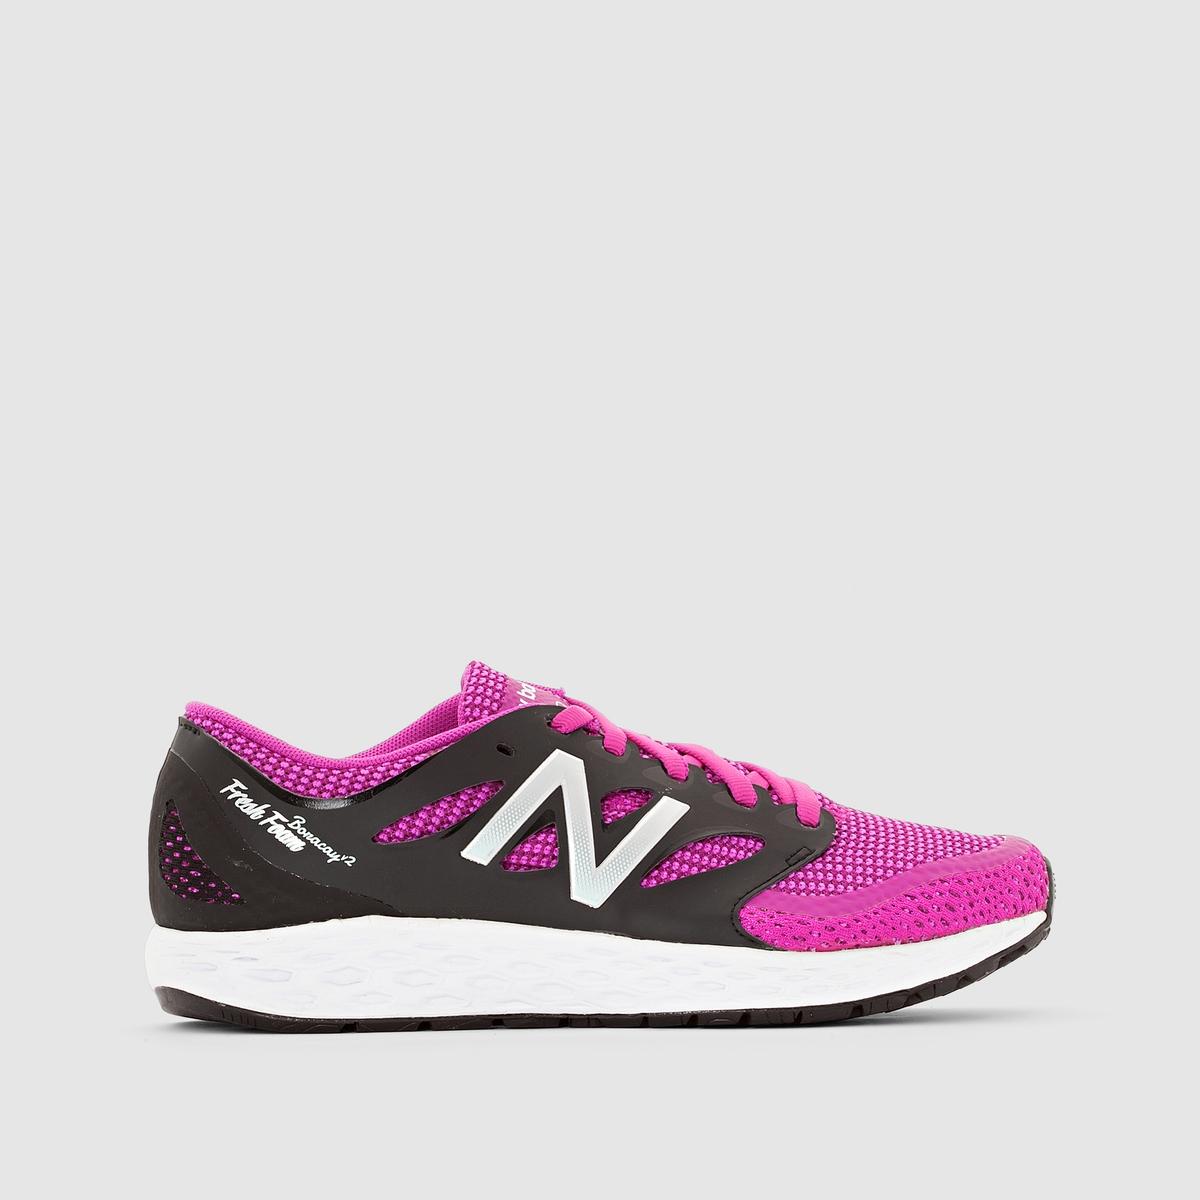 Кроссовки для бега  WBORAEM2Подкладка : текстиль         Стелька : текстиль         Подошва : каучук         Застежка : Шнуровка         Вид спорта : Бег<br><br>Цвет: розовый/ черный